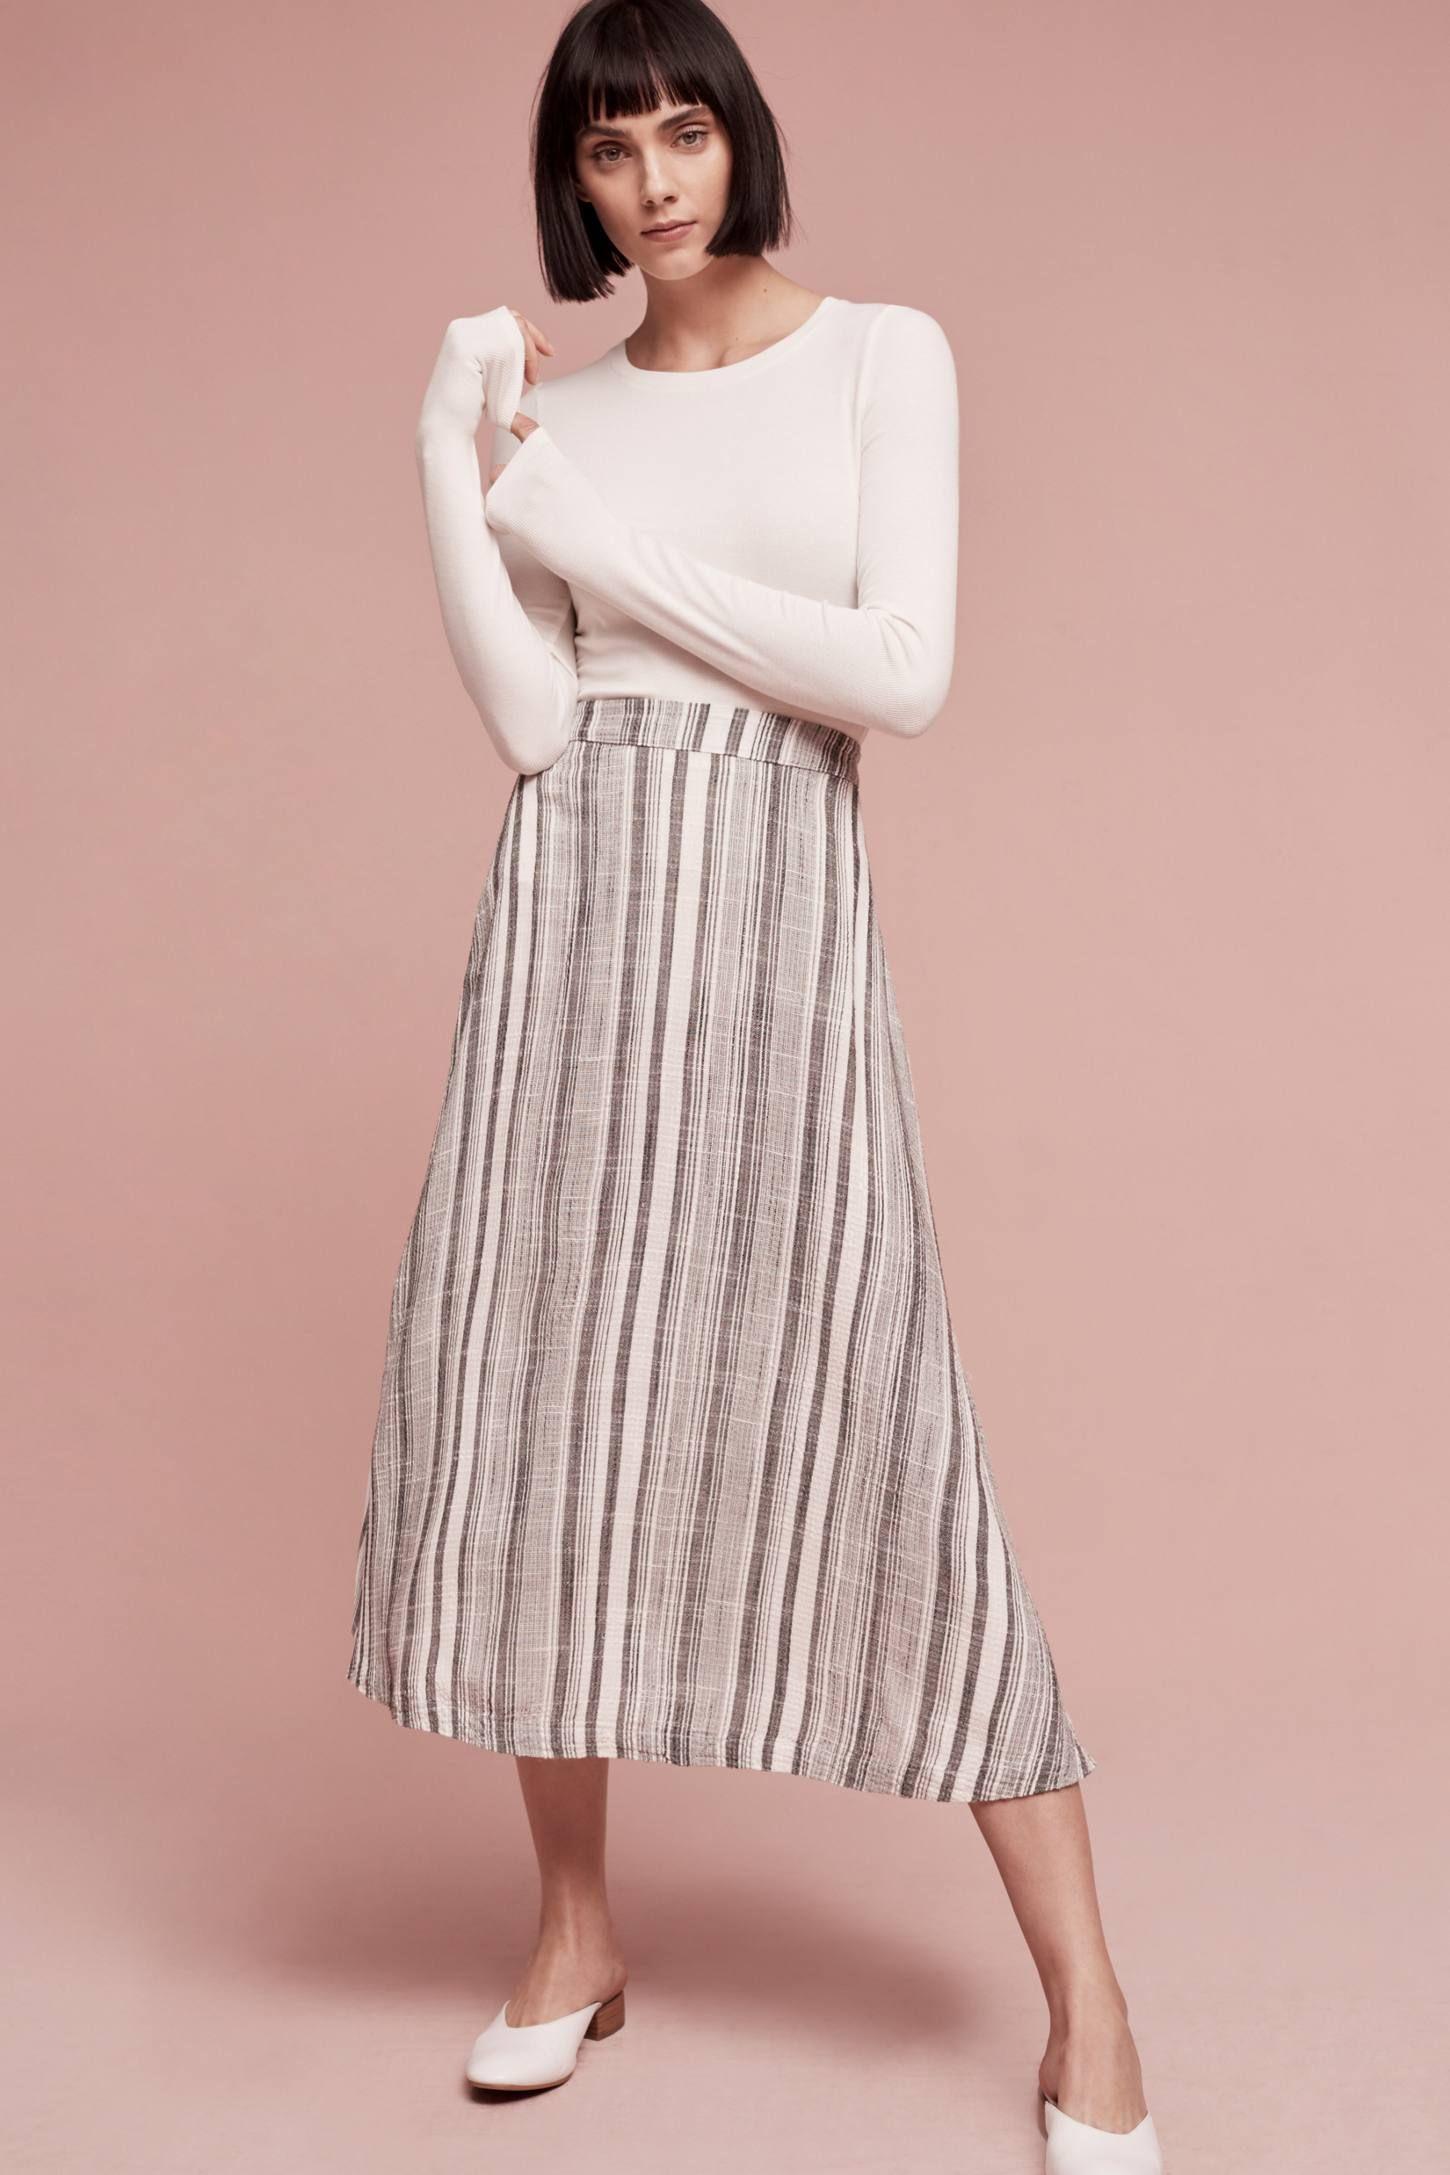 Slide View: 1: Clara Striped Midi Skirt